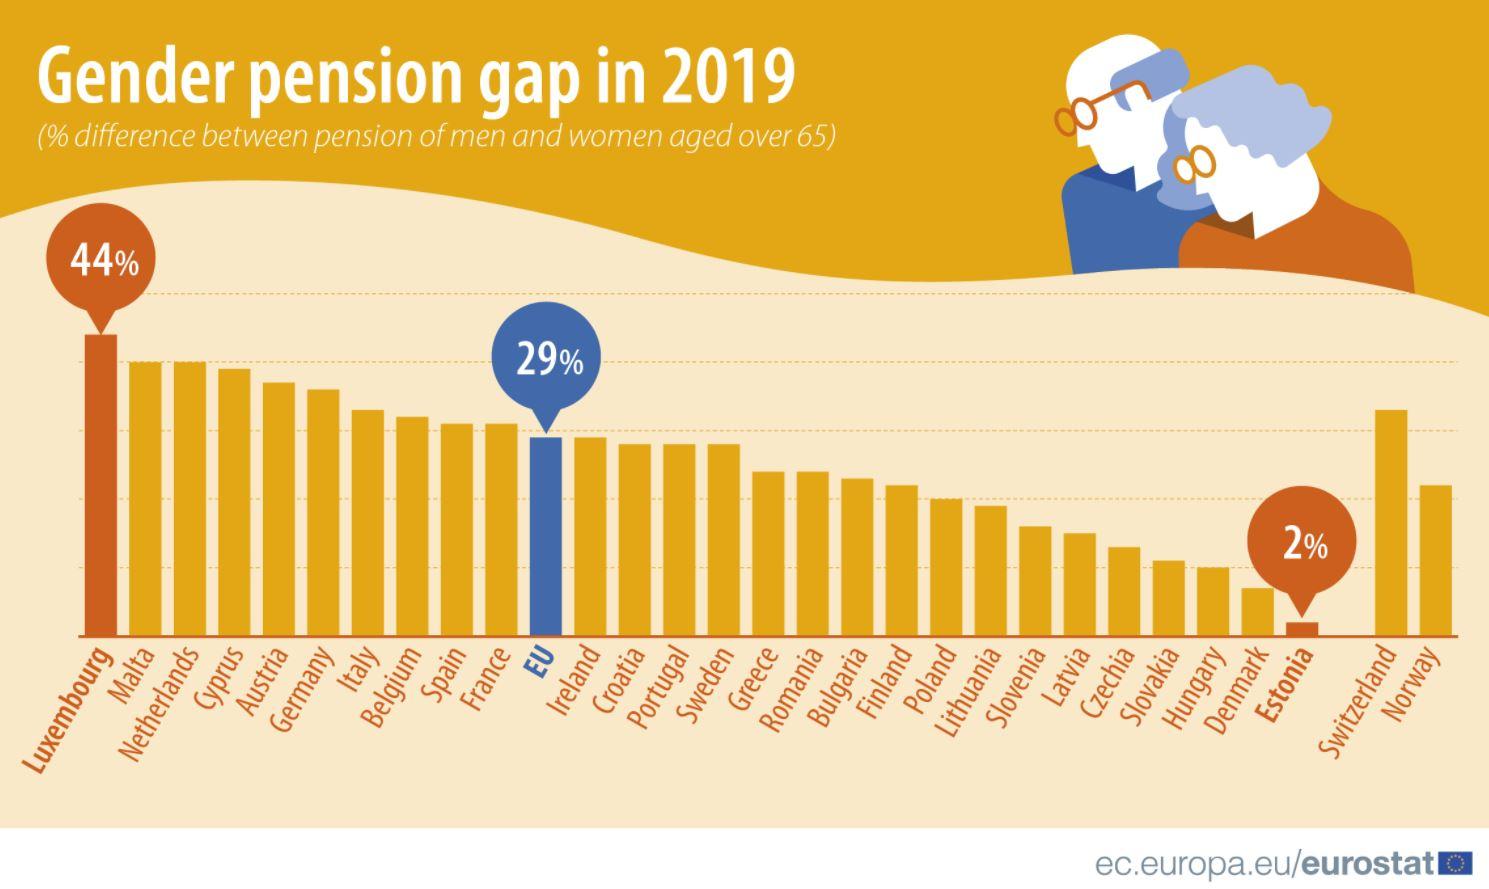 Ženama u Srbiji penzija niža za 22,8 odsto u odnosu na muškarce 2